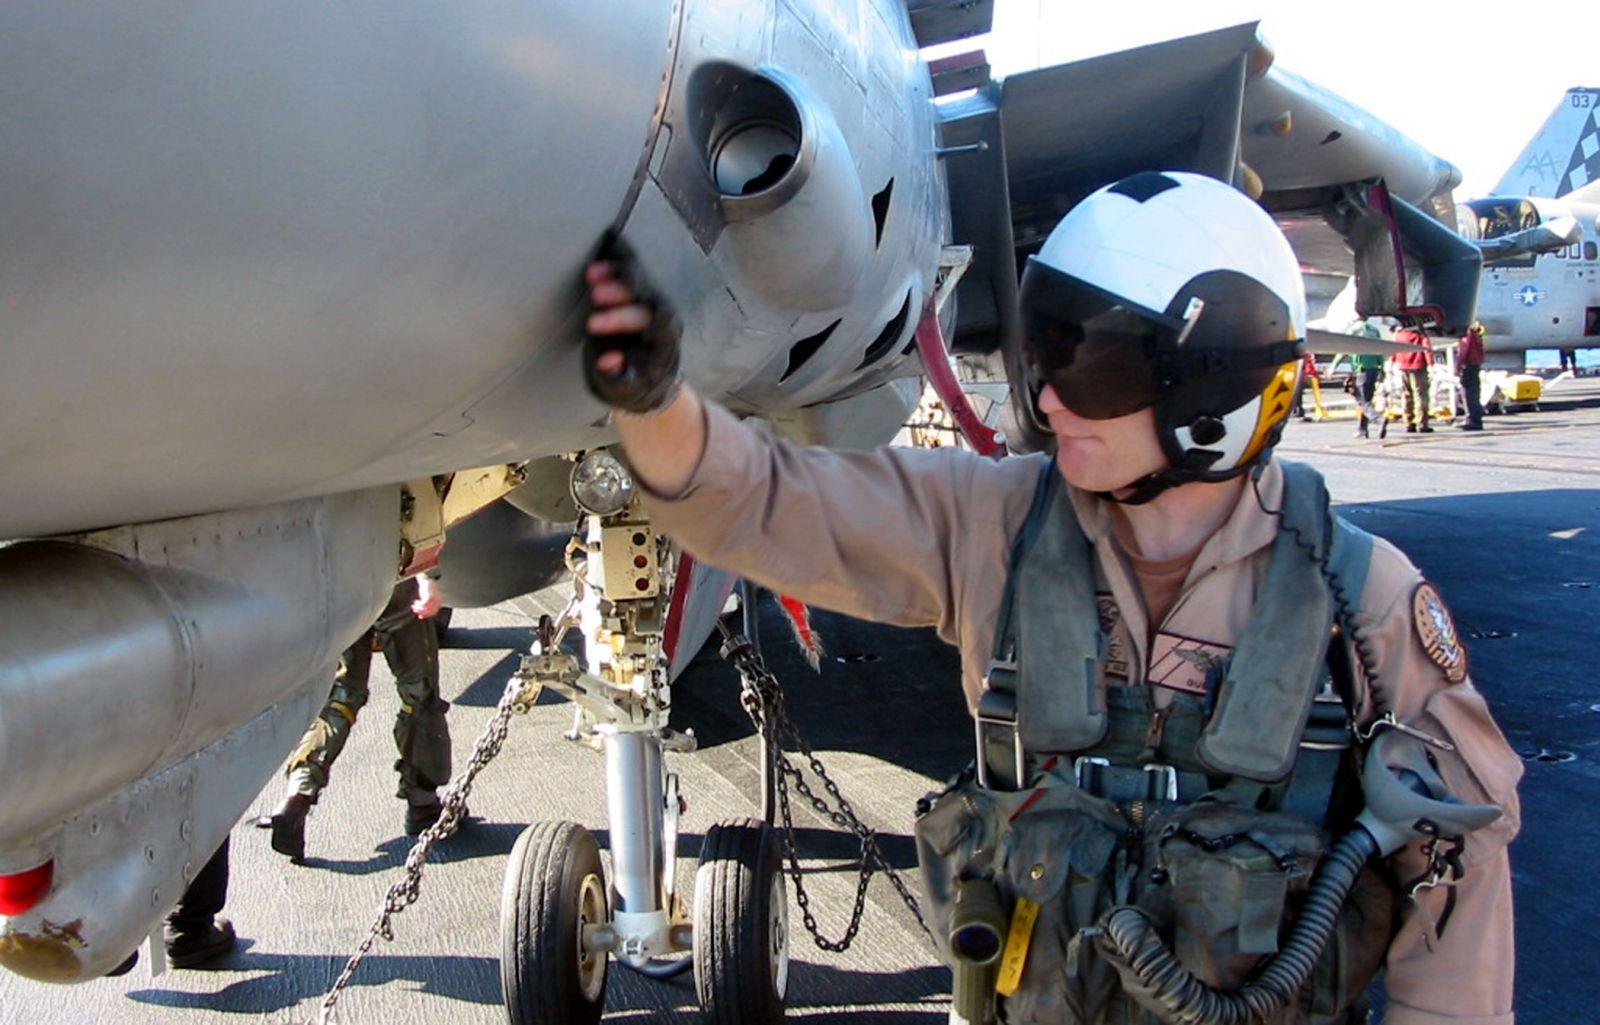 Pilot F-14 sprawdza swoją maszynę przed zajęciem miejsca w kabinie; nad jego dłonią dobrze widać kanał wylotowy działka (fot. US Navy / Photographer's Mate 3rd Class Nathaniel Balos)